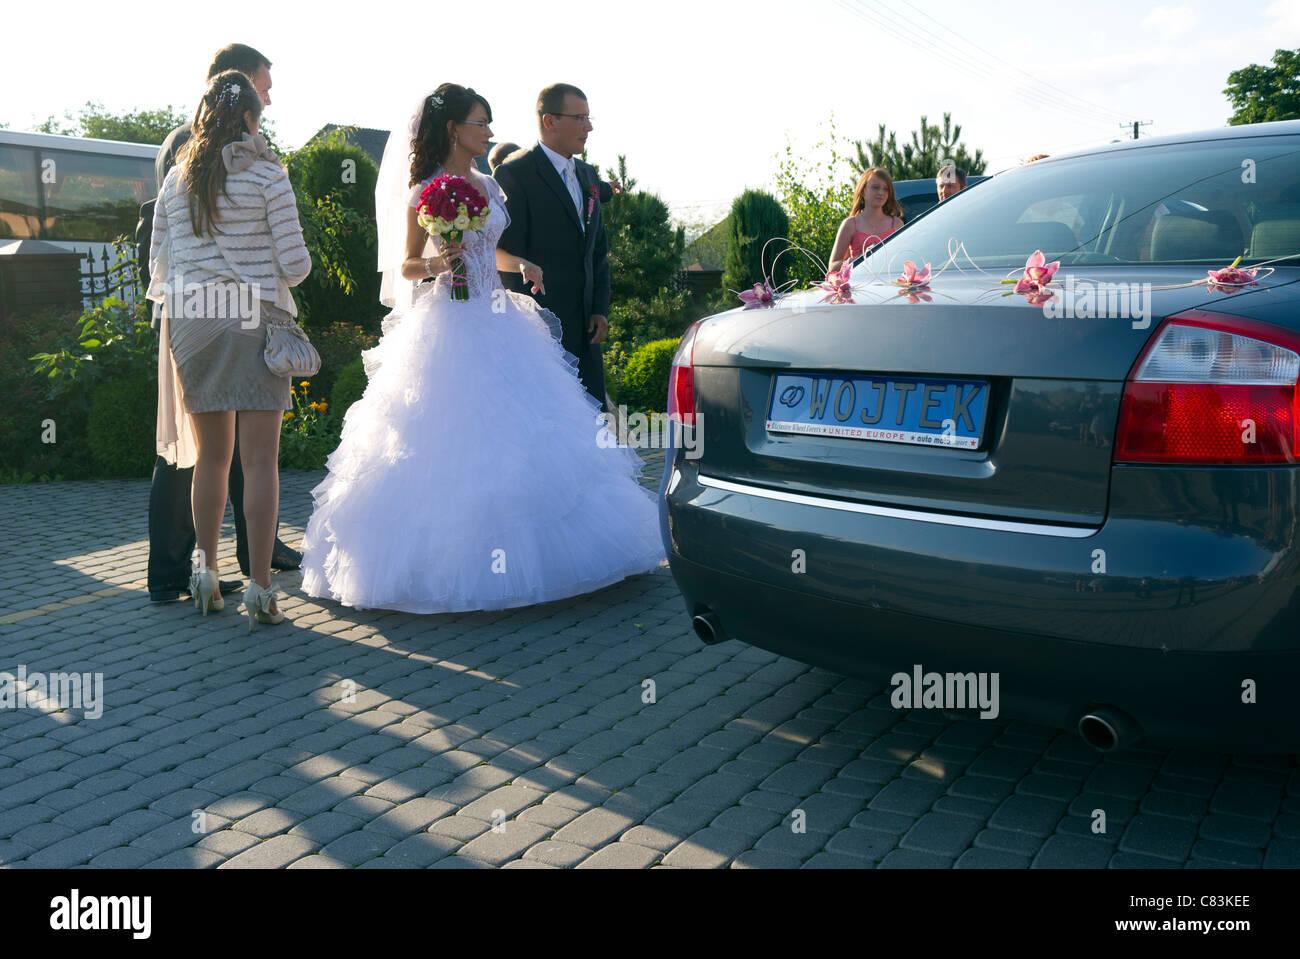 """Cérémonie de mariage traditionnel et parti en Pologne, la plaque d'inscription """"Wojtek"""" Photo Stock"""